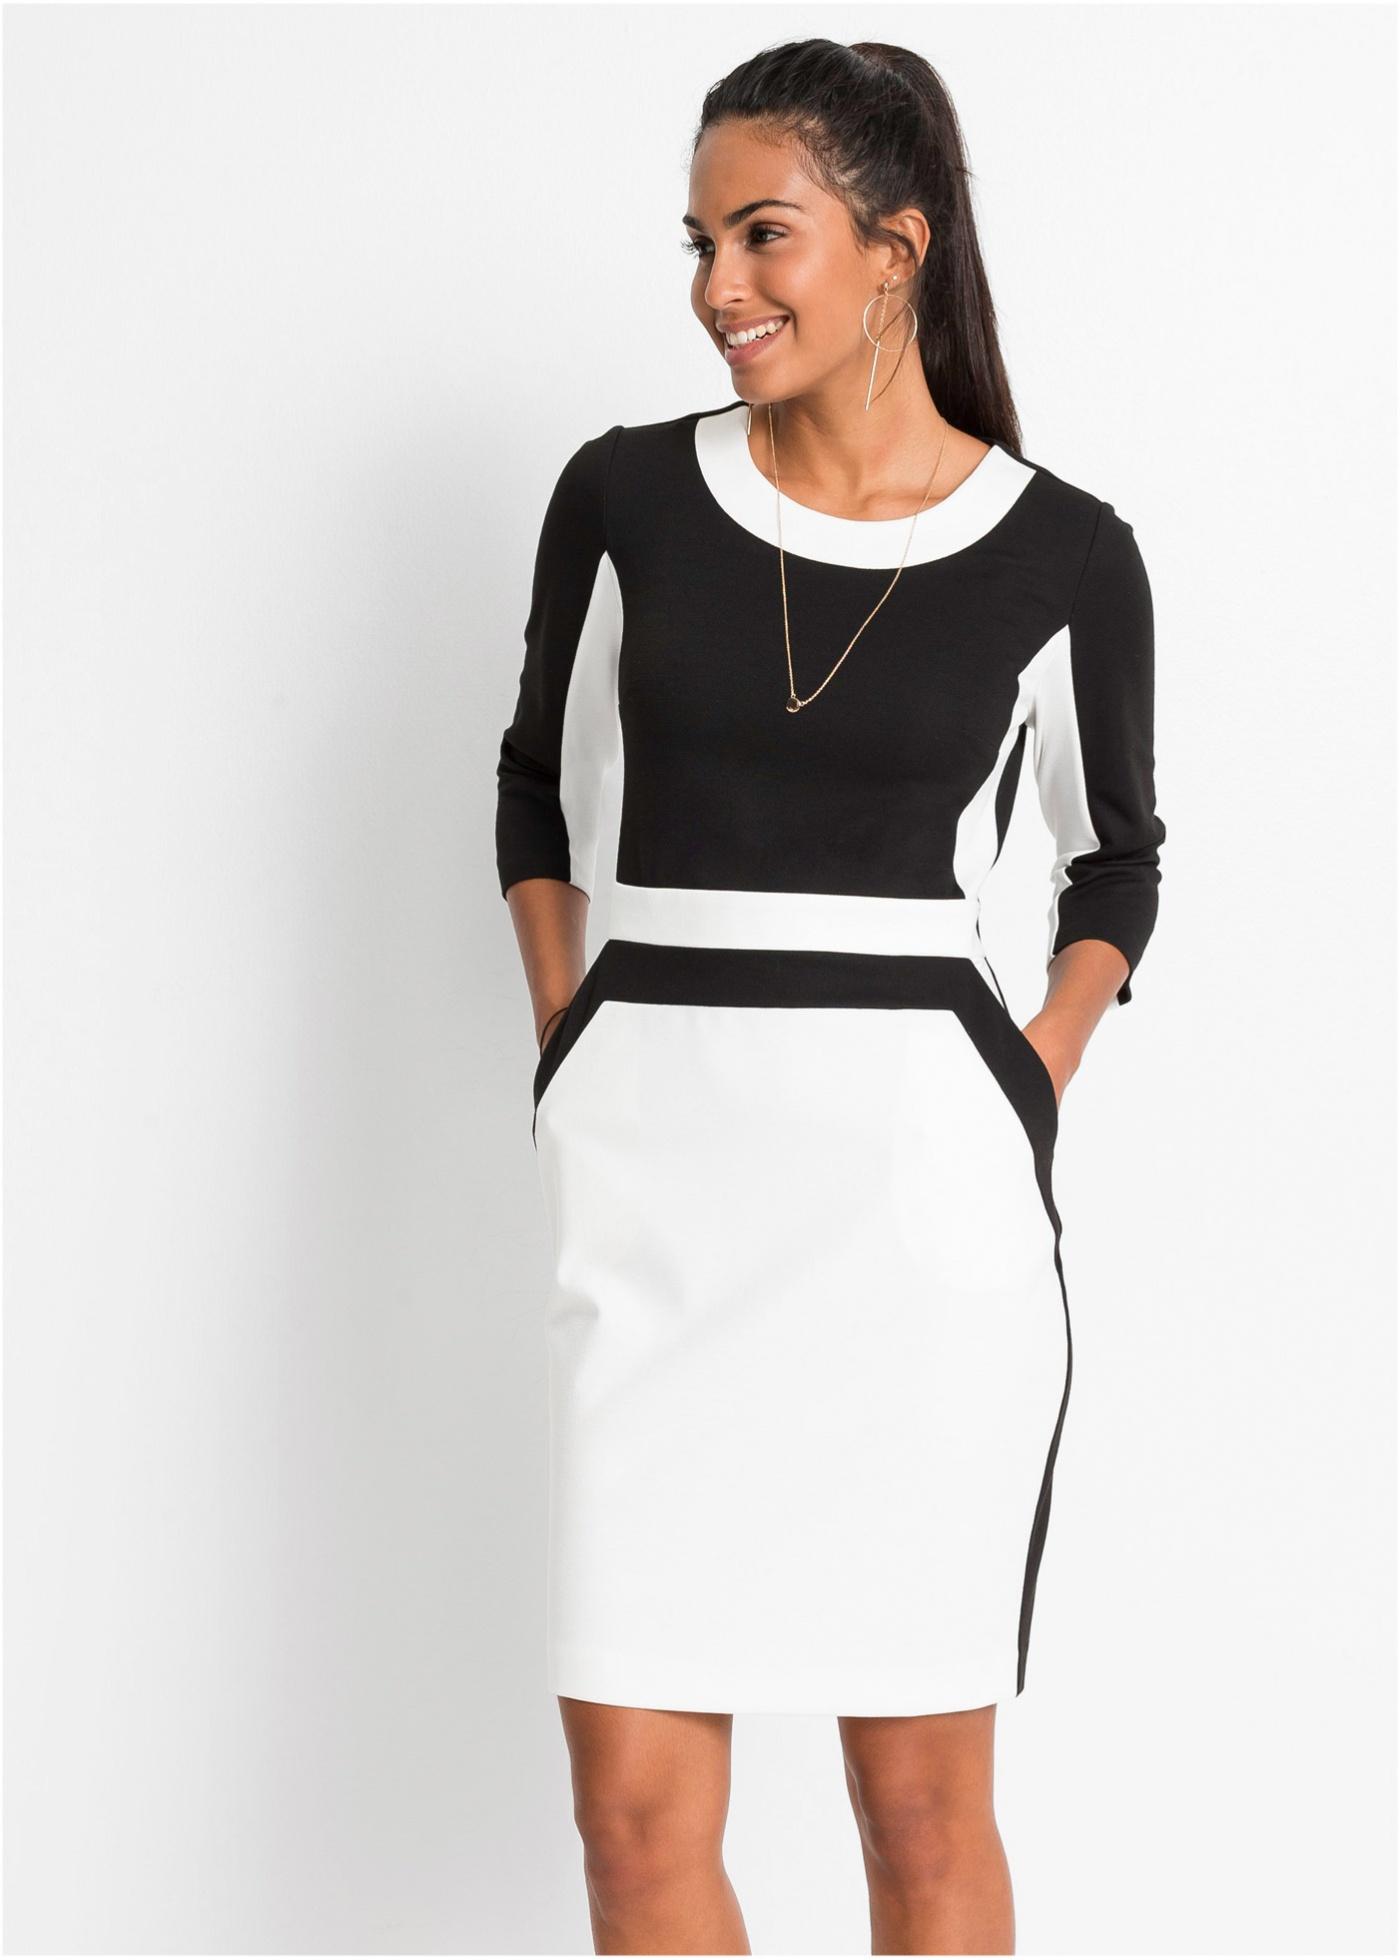 Jersey jurk met 3 4 mouwen, Stijlvolle jurk van zachte, elastische jersey in contrastkleuren. Accentuerend met zakken opzij. Lengte in mt. 40/42 ca. 100 cm.Extra gegevens:Merk: bonprixVoorraad: In StockVerzendkosten: 4.95Maat/Maten: 40,42Levertijd: 7 dagen